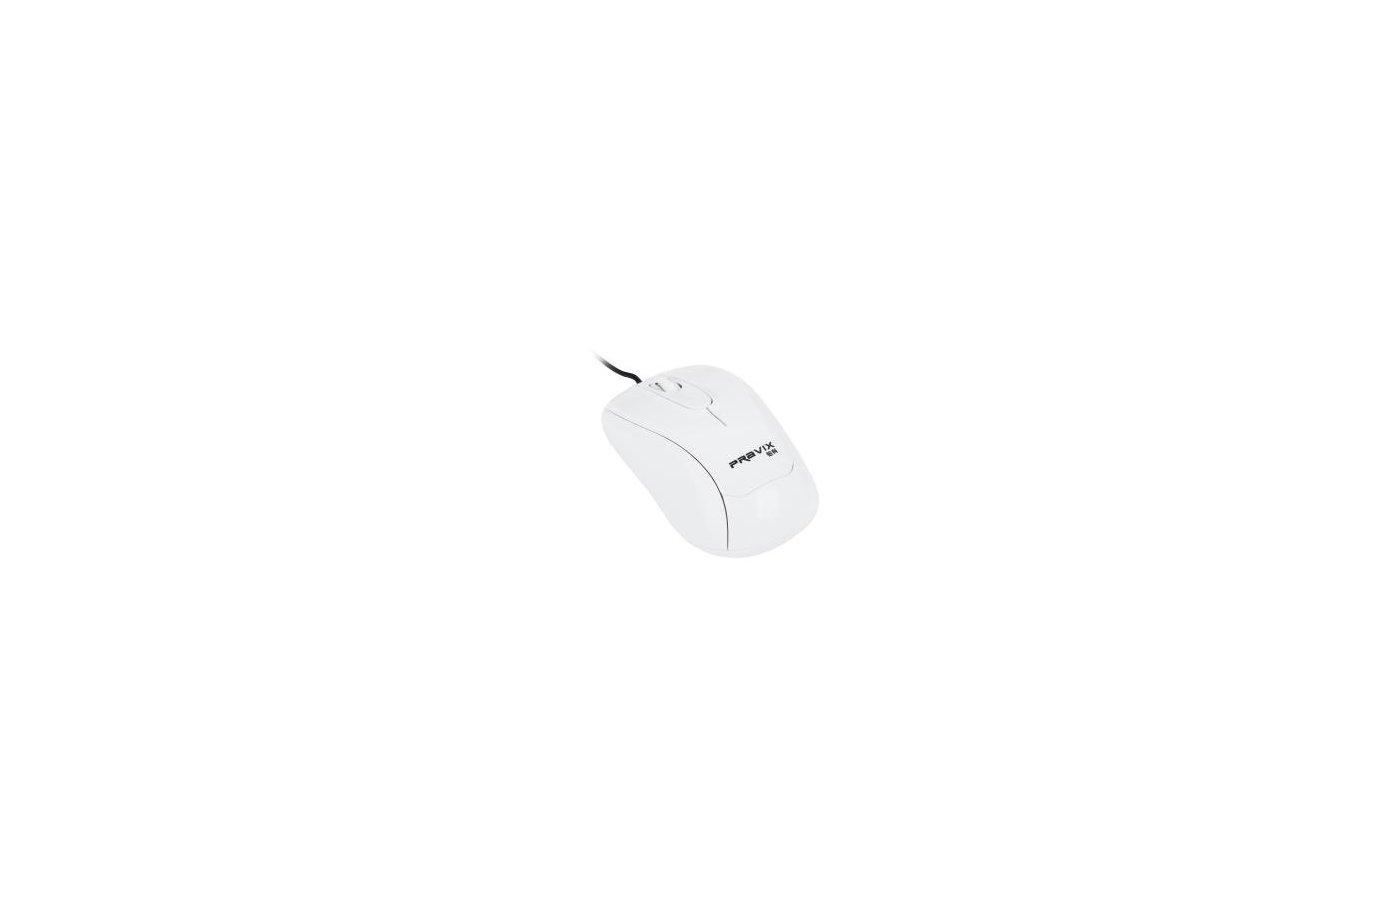 Мышь проводная Pravix ZC-604W, белый цвет, провод 1.5 м, USB-порт